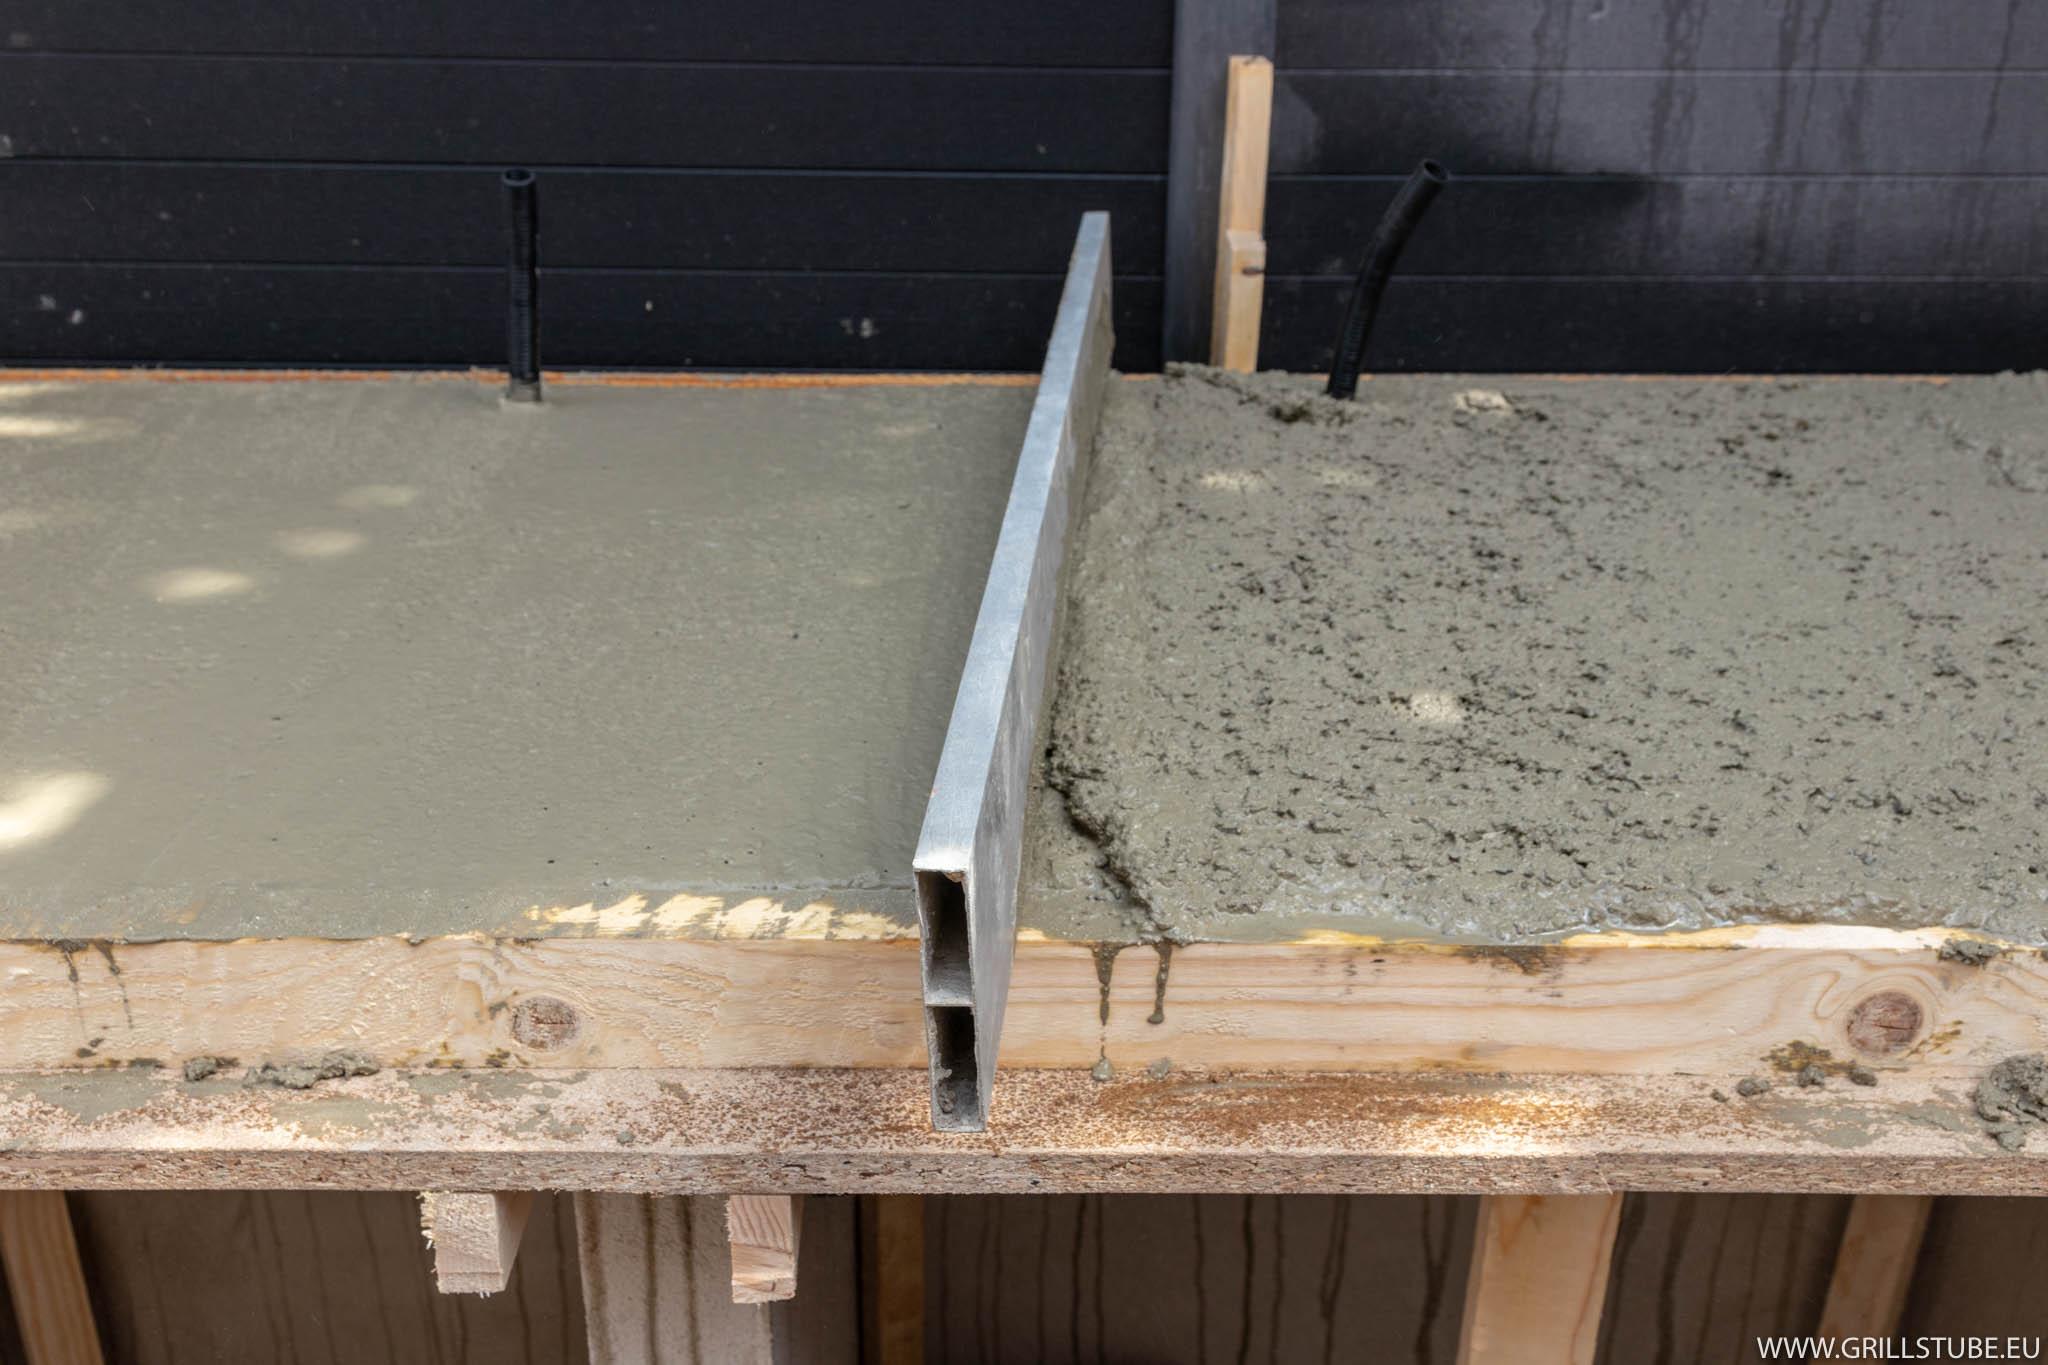 Outdoorküche Arbeitsplatte Test : Outdoorküche betonieren der arbeitsplatte andys grillstube